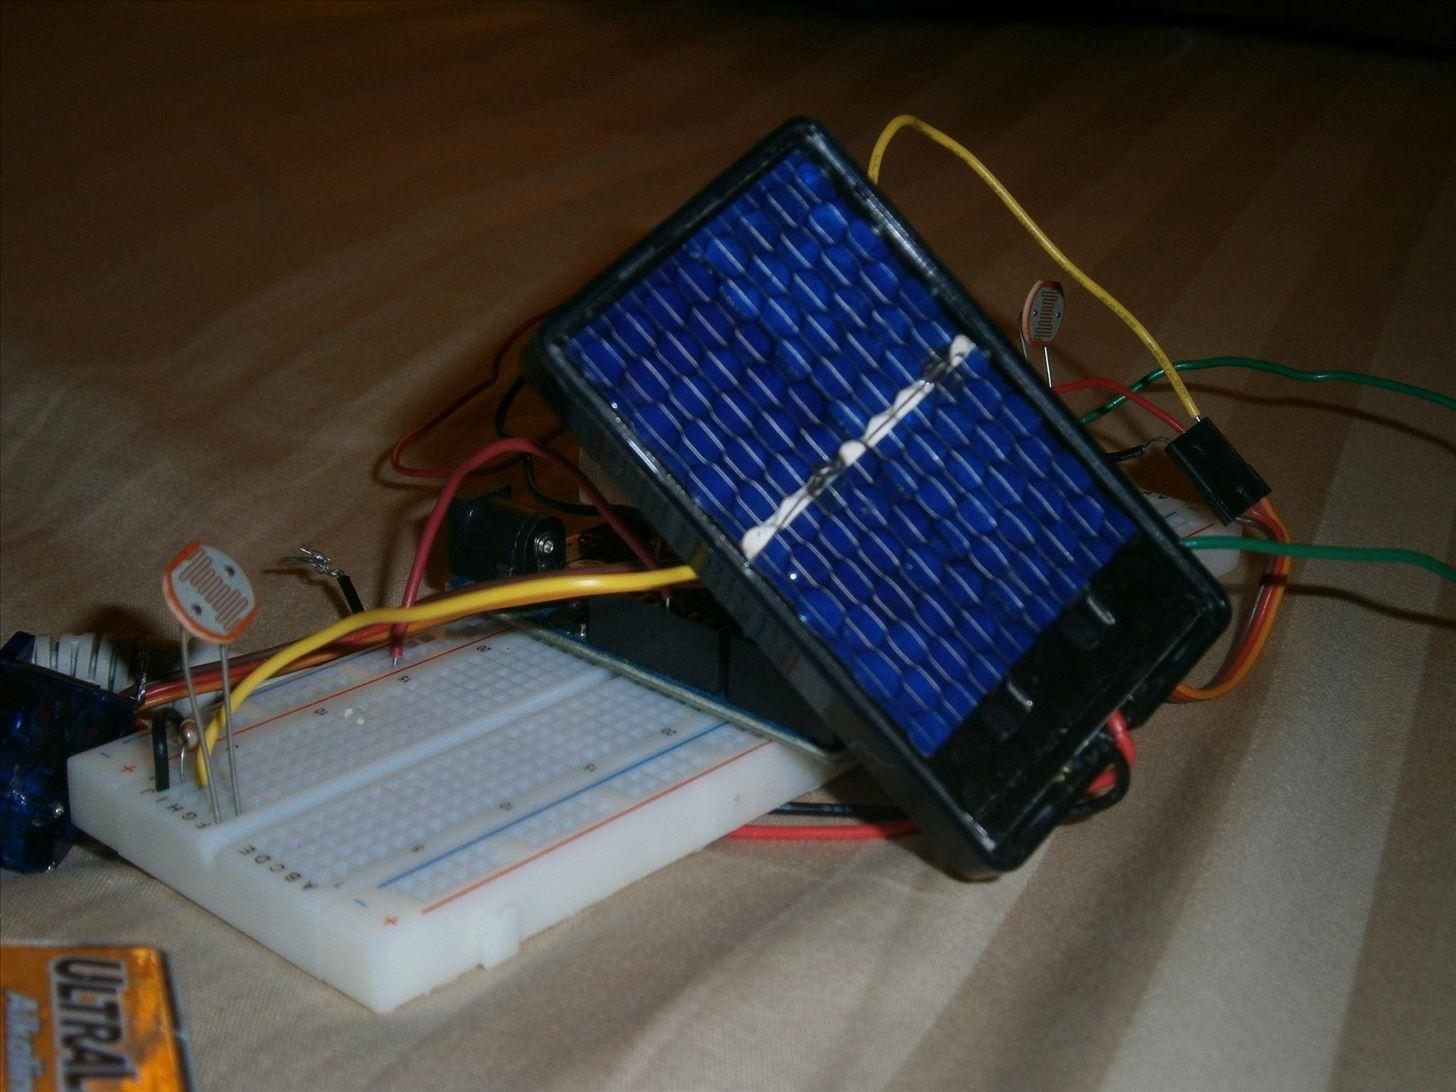 Как сделать солнечную батарею своими руками: пошаговые инструкции по сборке в домашних условиях из разных материалов с фото и видео